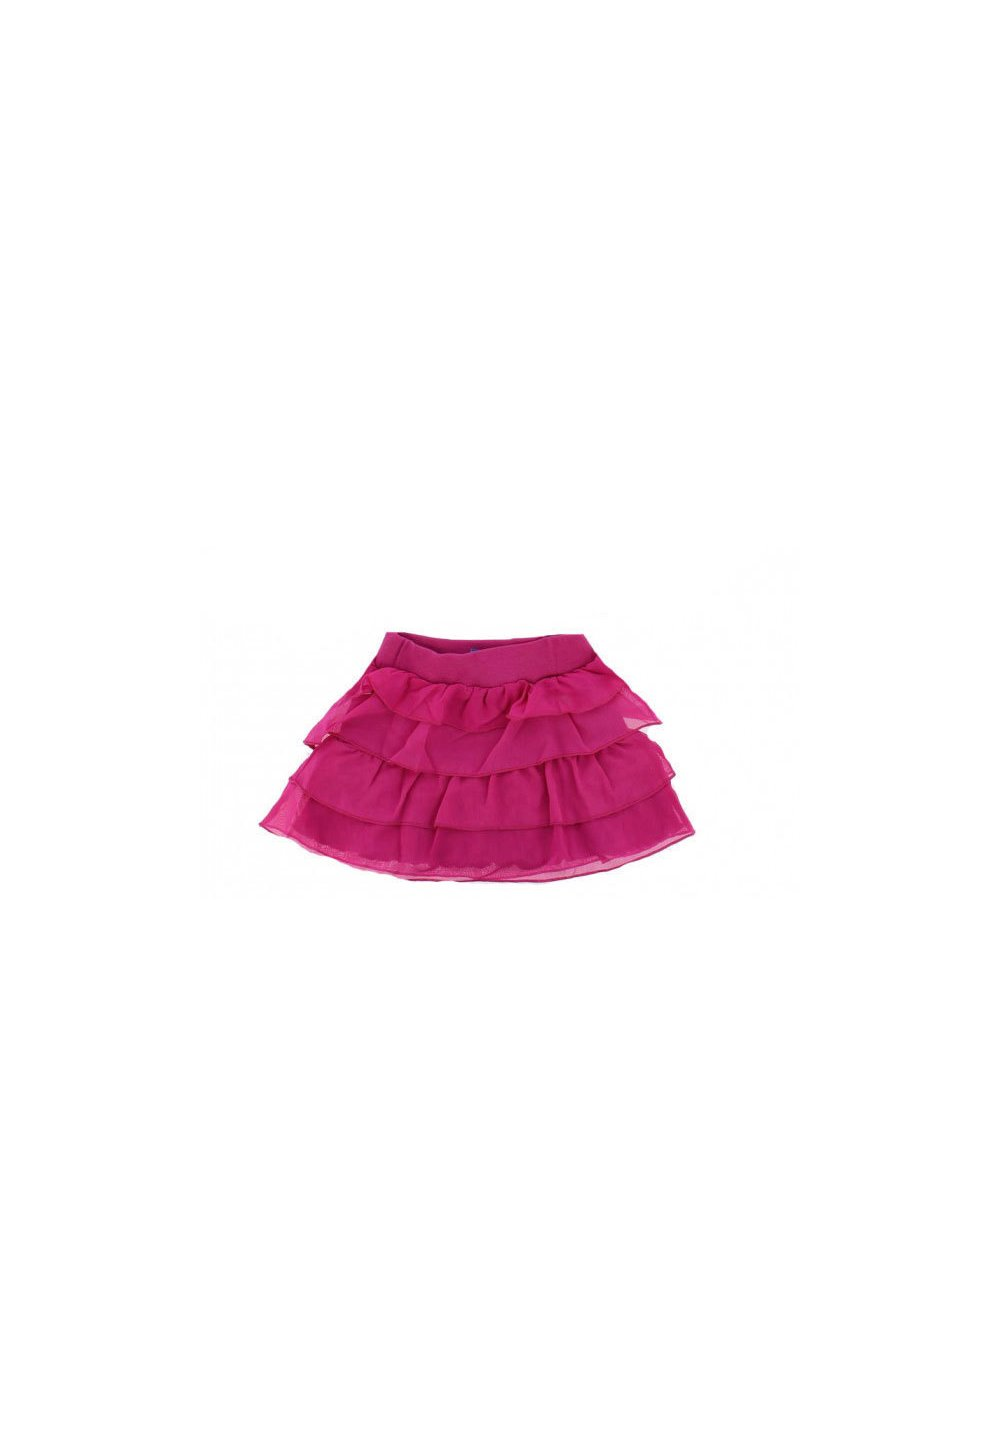 Fusta roz inchis imagine